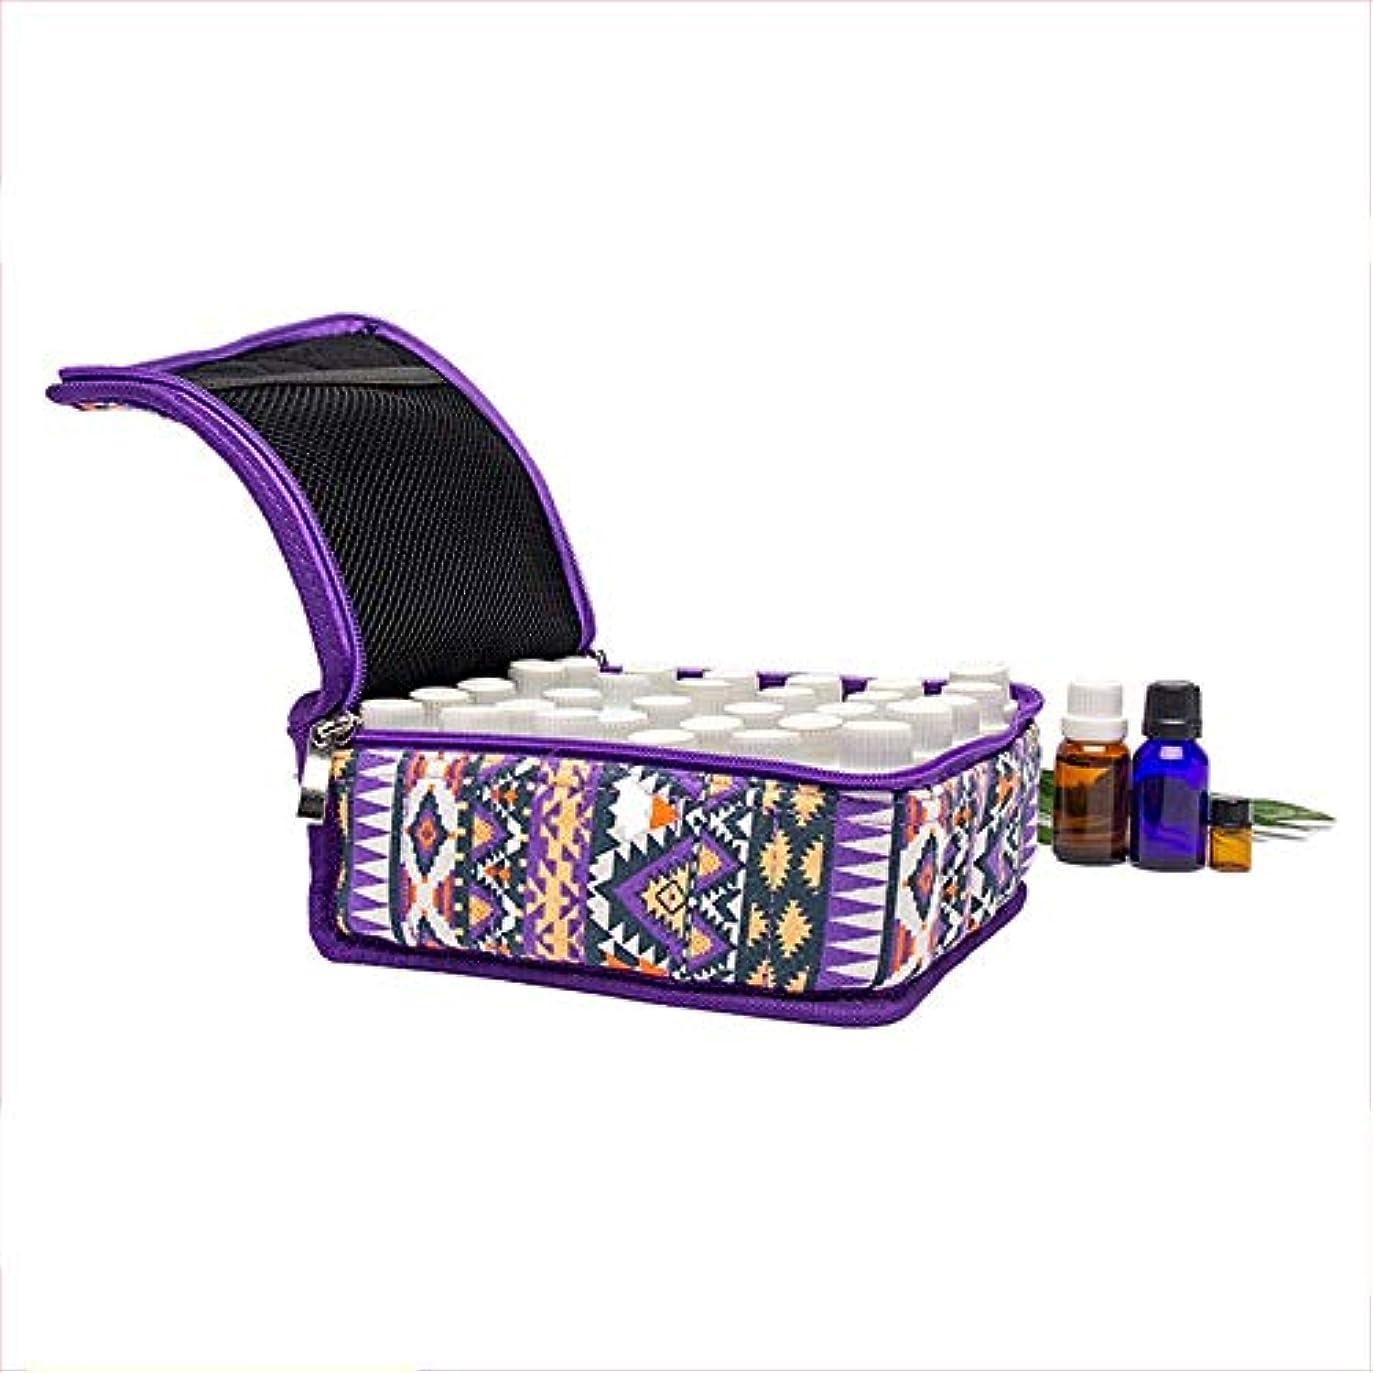 マニアック一致激怒エッセンシャルオイル収納ボックス エッセンシャルオイル収納ケース旅行エッセンシャルオイルキャリングケースは、30本のボトル10ミリリットルバイアルエッセンシャルオイルオーガナイザーバッグを開催します (色 : 紫の, サイズ...